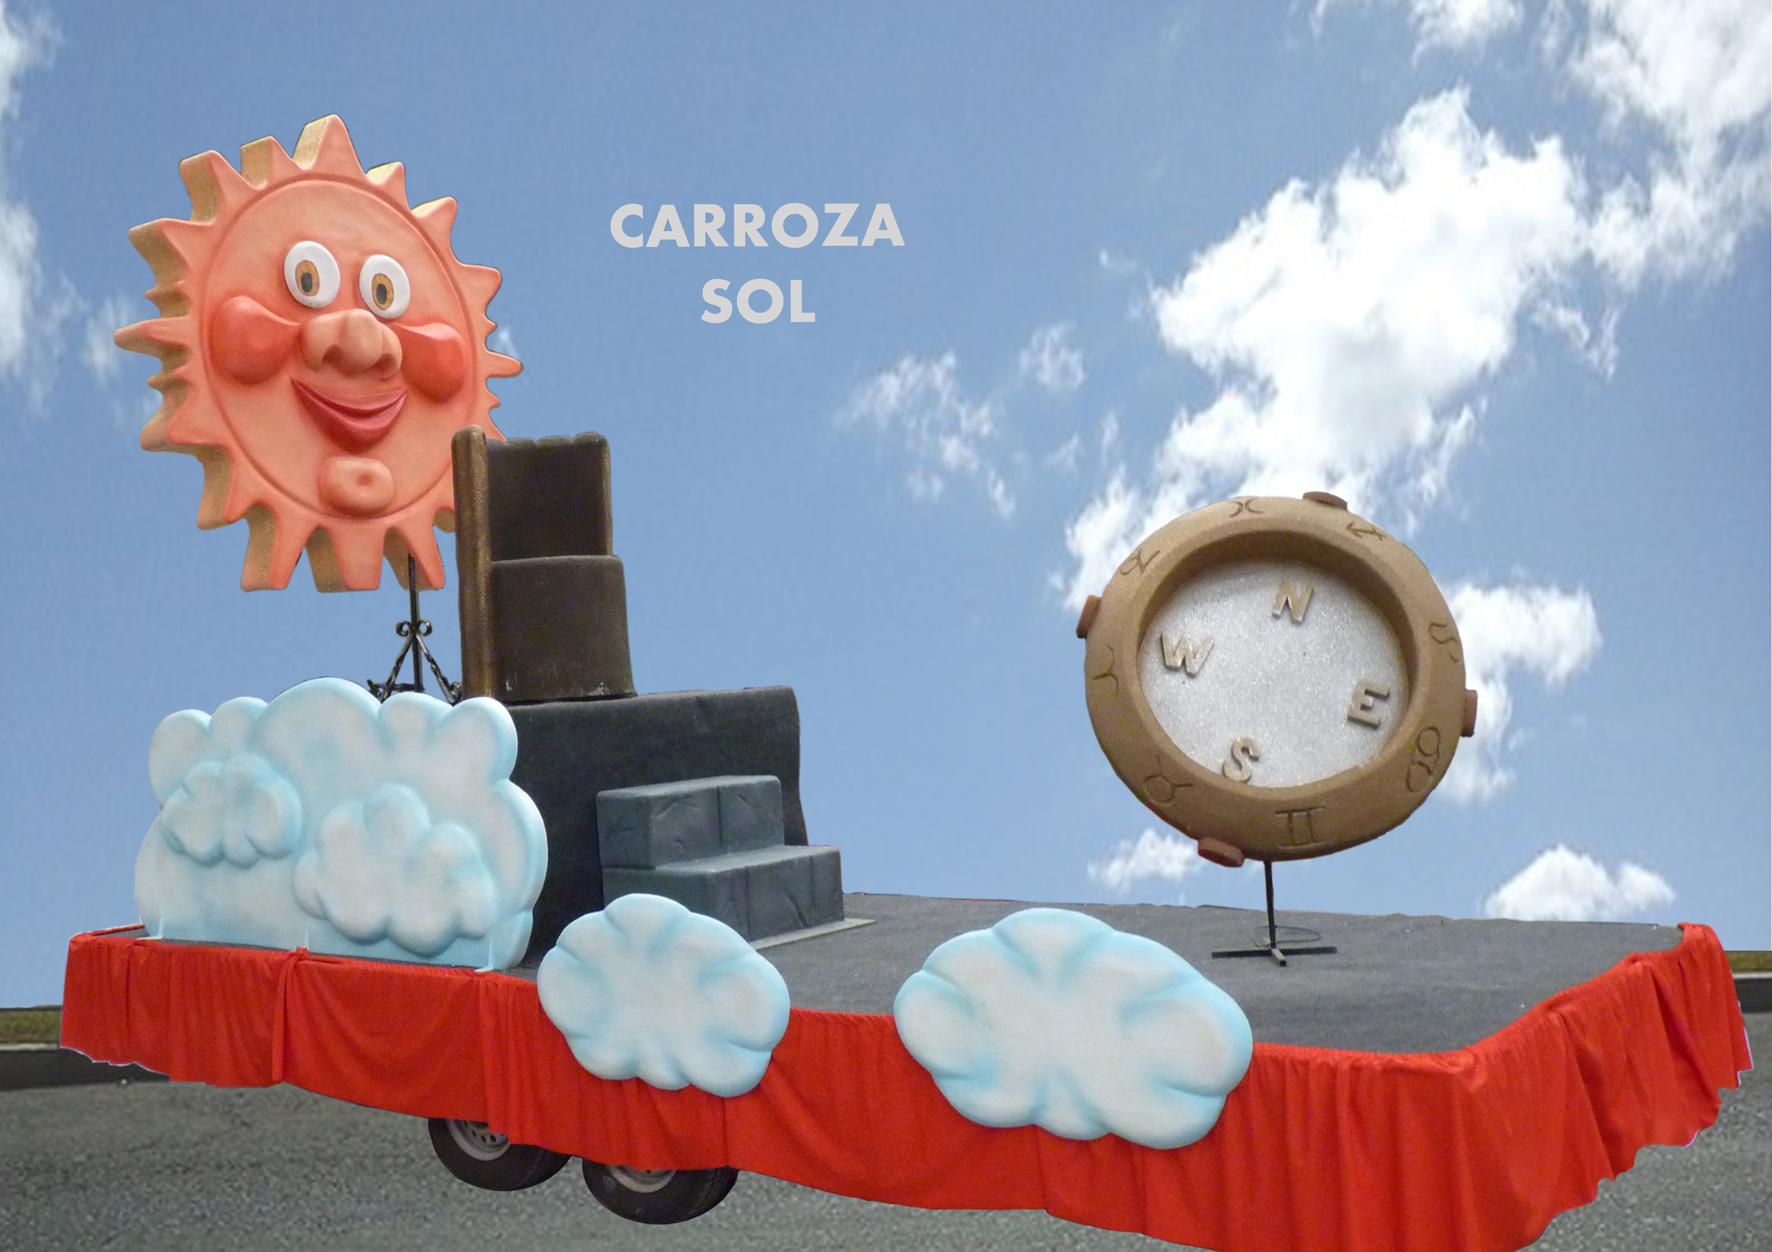 Carroza Fiesta Sol sonriente con brújula